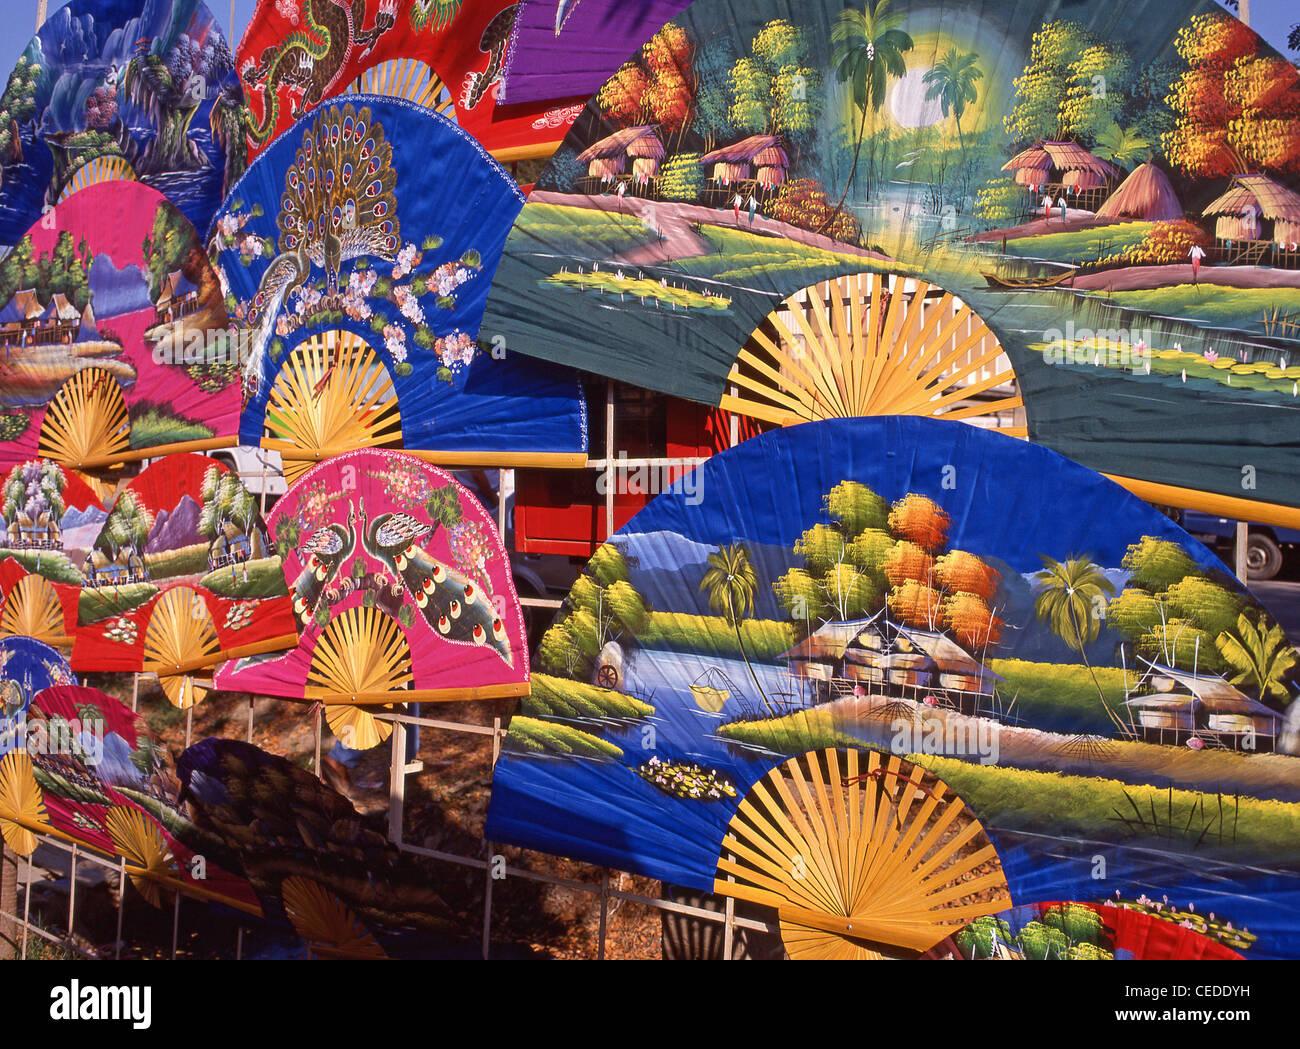 Recuerdo colorido mercado en pantalla del ventilador, Bangkok, Tailandia, la Provincia de Samut Prakan Imagen De Stock